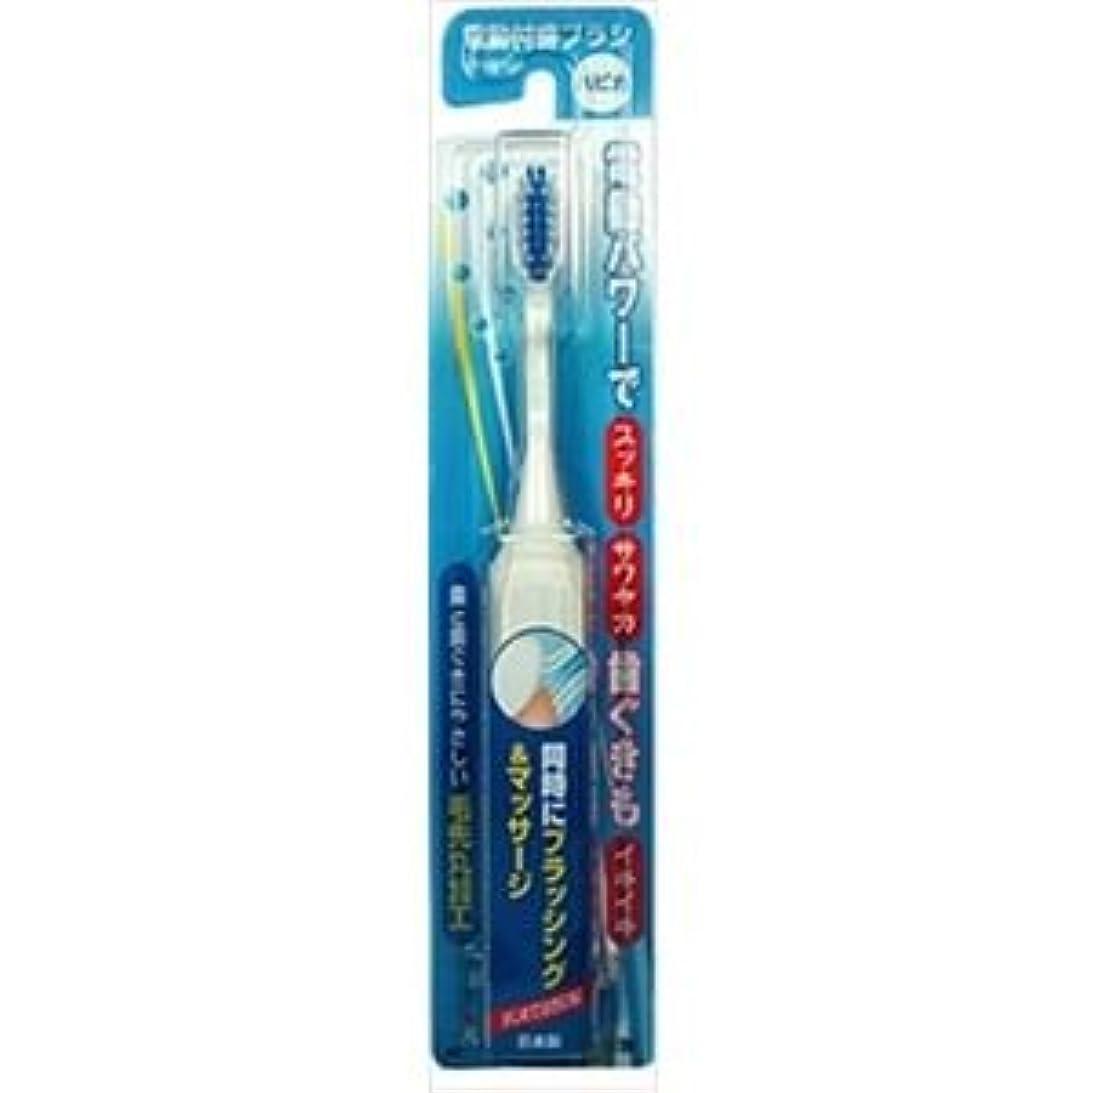 飾り羽談話慈善(まとめ)ミニマムハピカ電動歯ブラシDB-3W 【×3点セット】